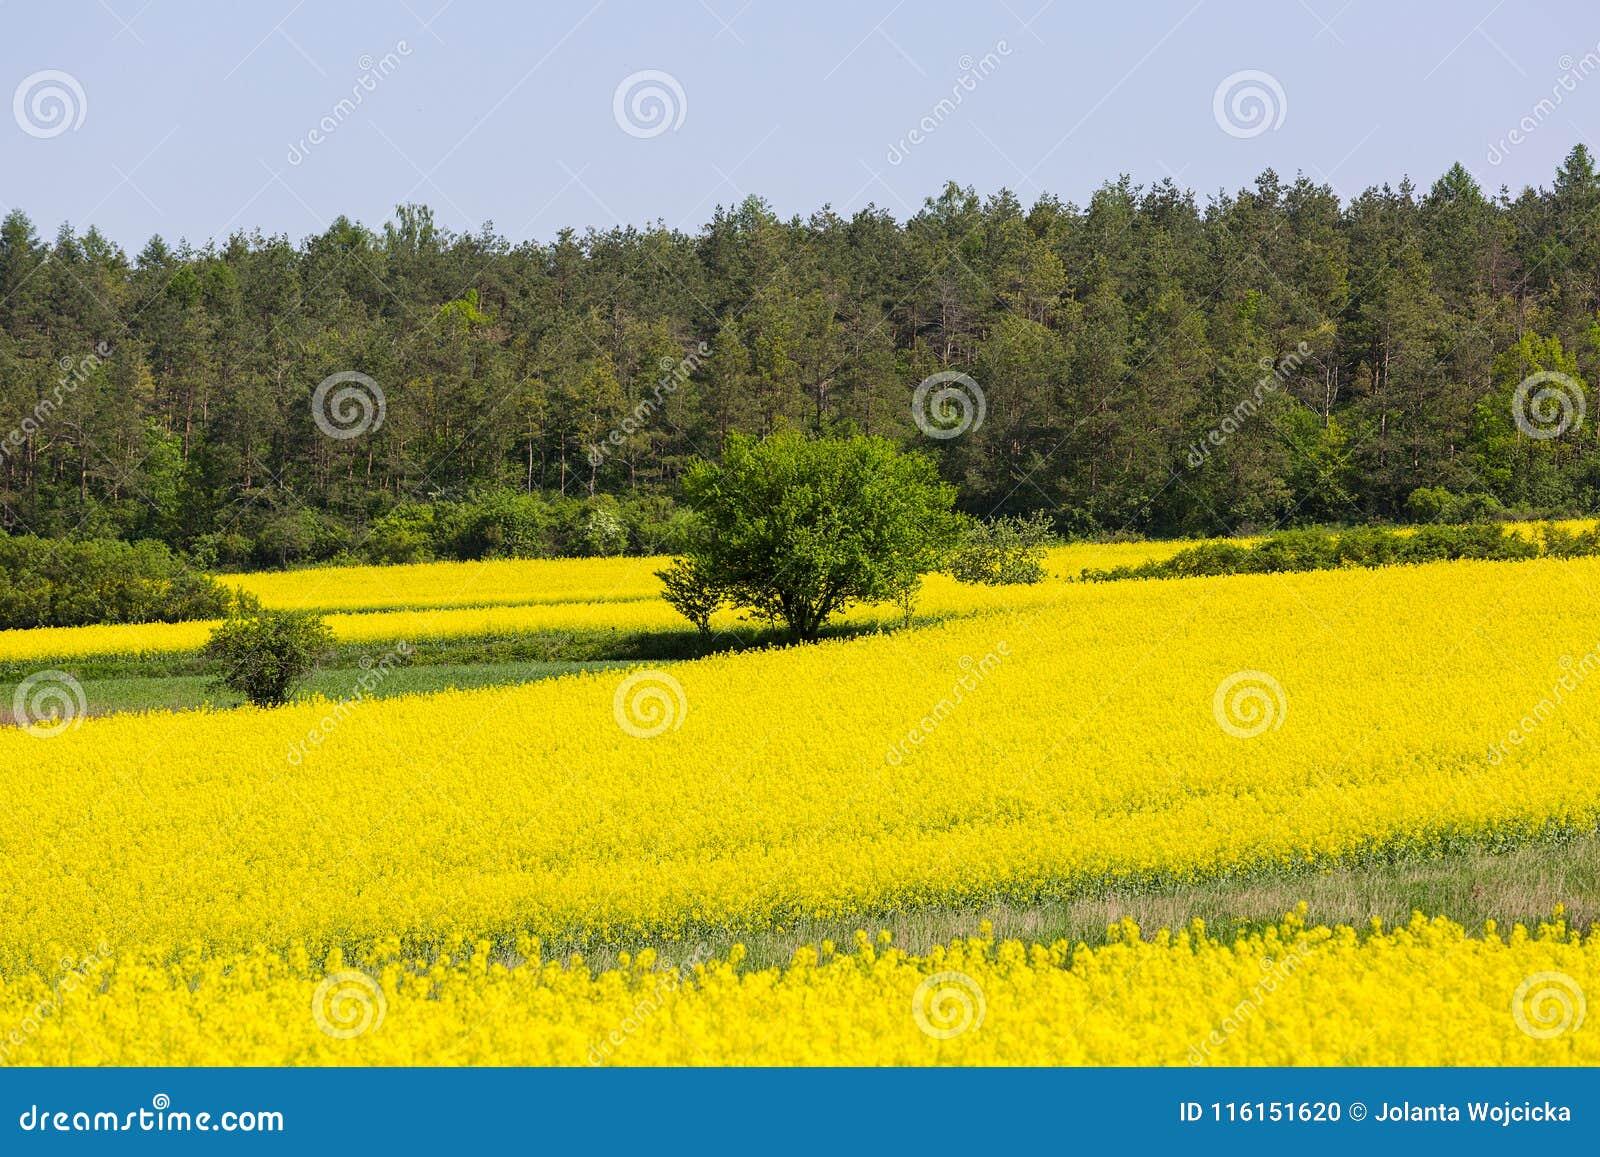 Fiori Gialli Coltivati.Campo Di Canola Di Fioritura Fiori Gialli Del Seme Di Ravizzone